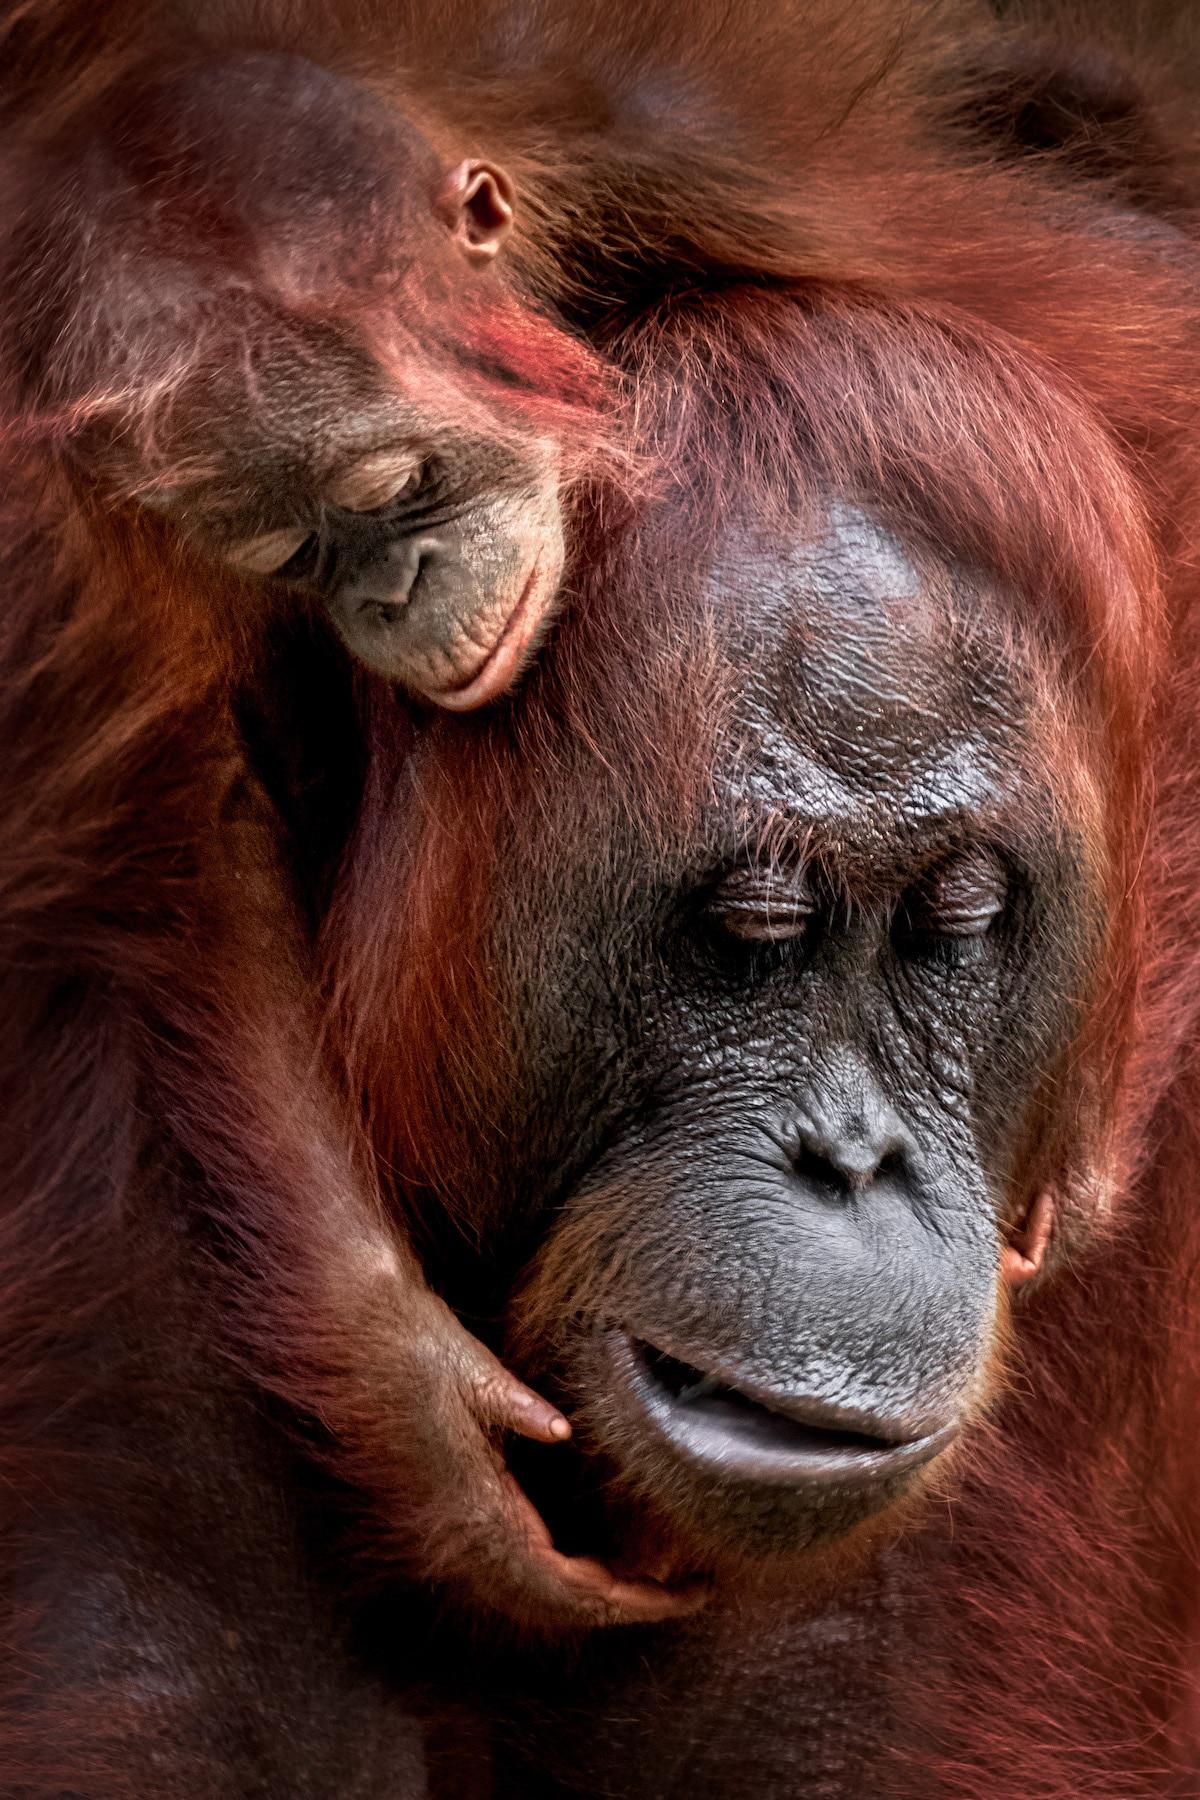 Mother and baby orangutan embracing